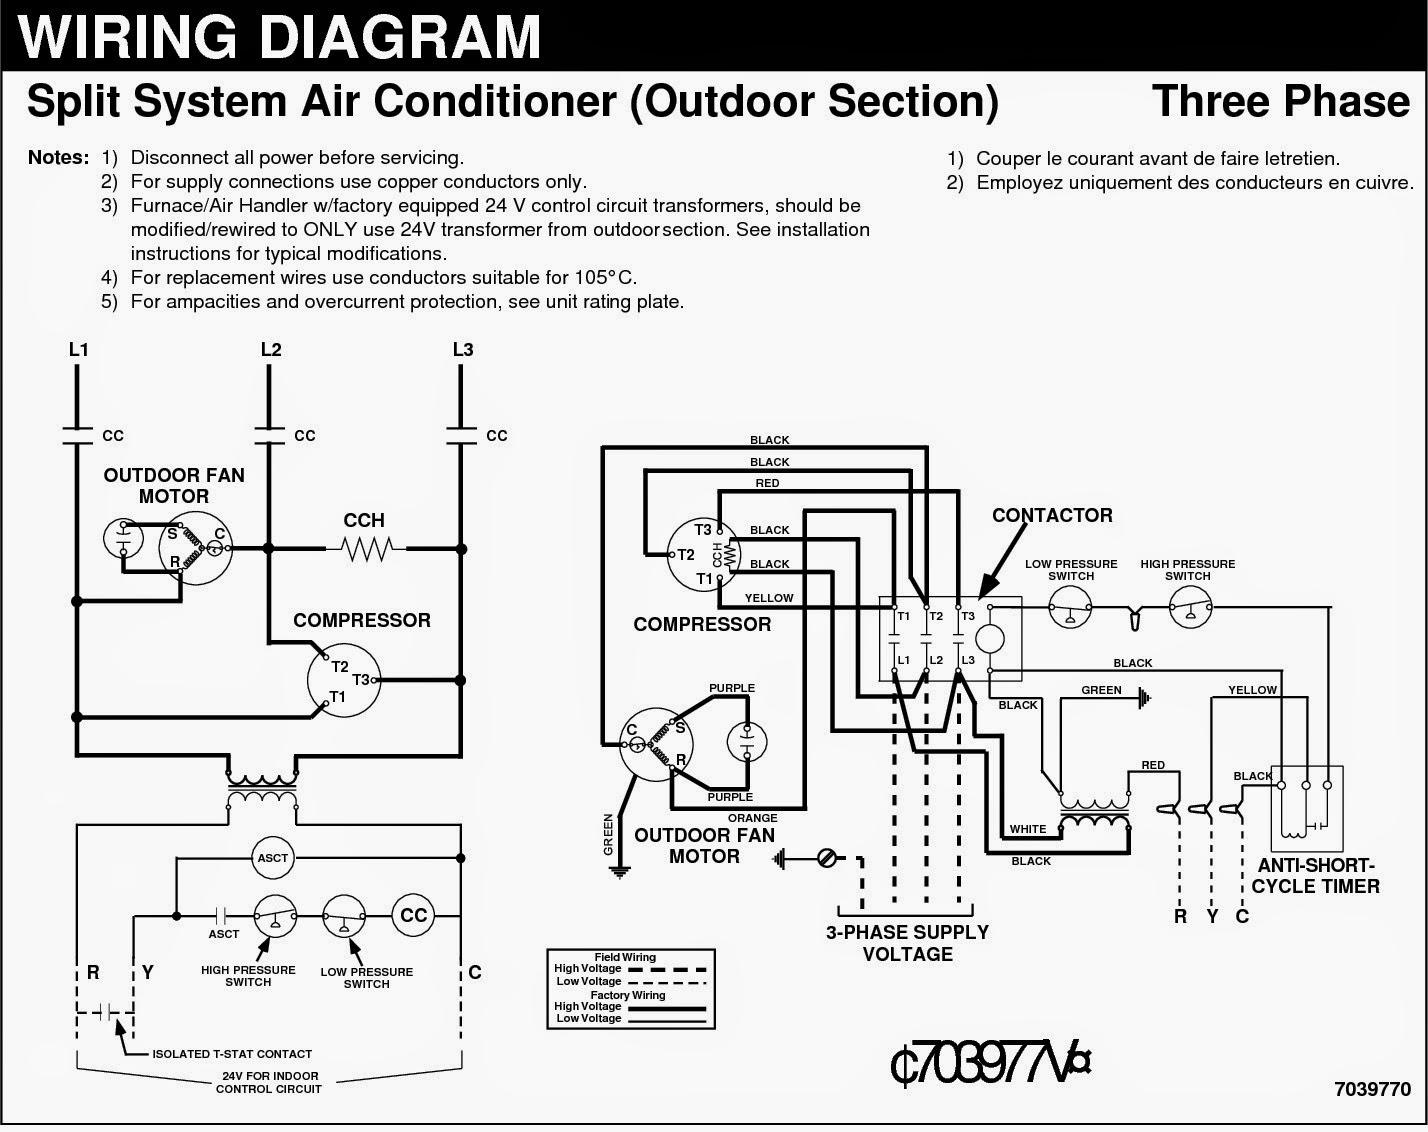 Hvac Fan Relay Wiring Diagram In Ac Low Voltage Diagram1 Brilliant - Hvac Relay Wiring Diagram